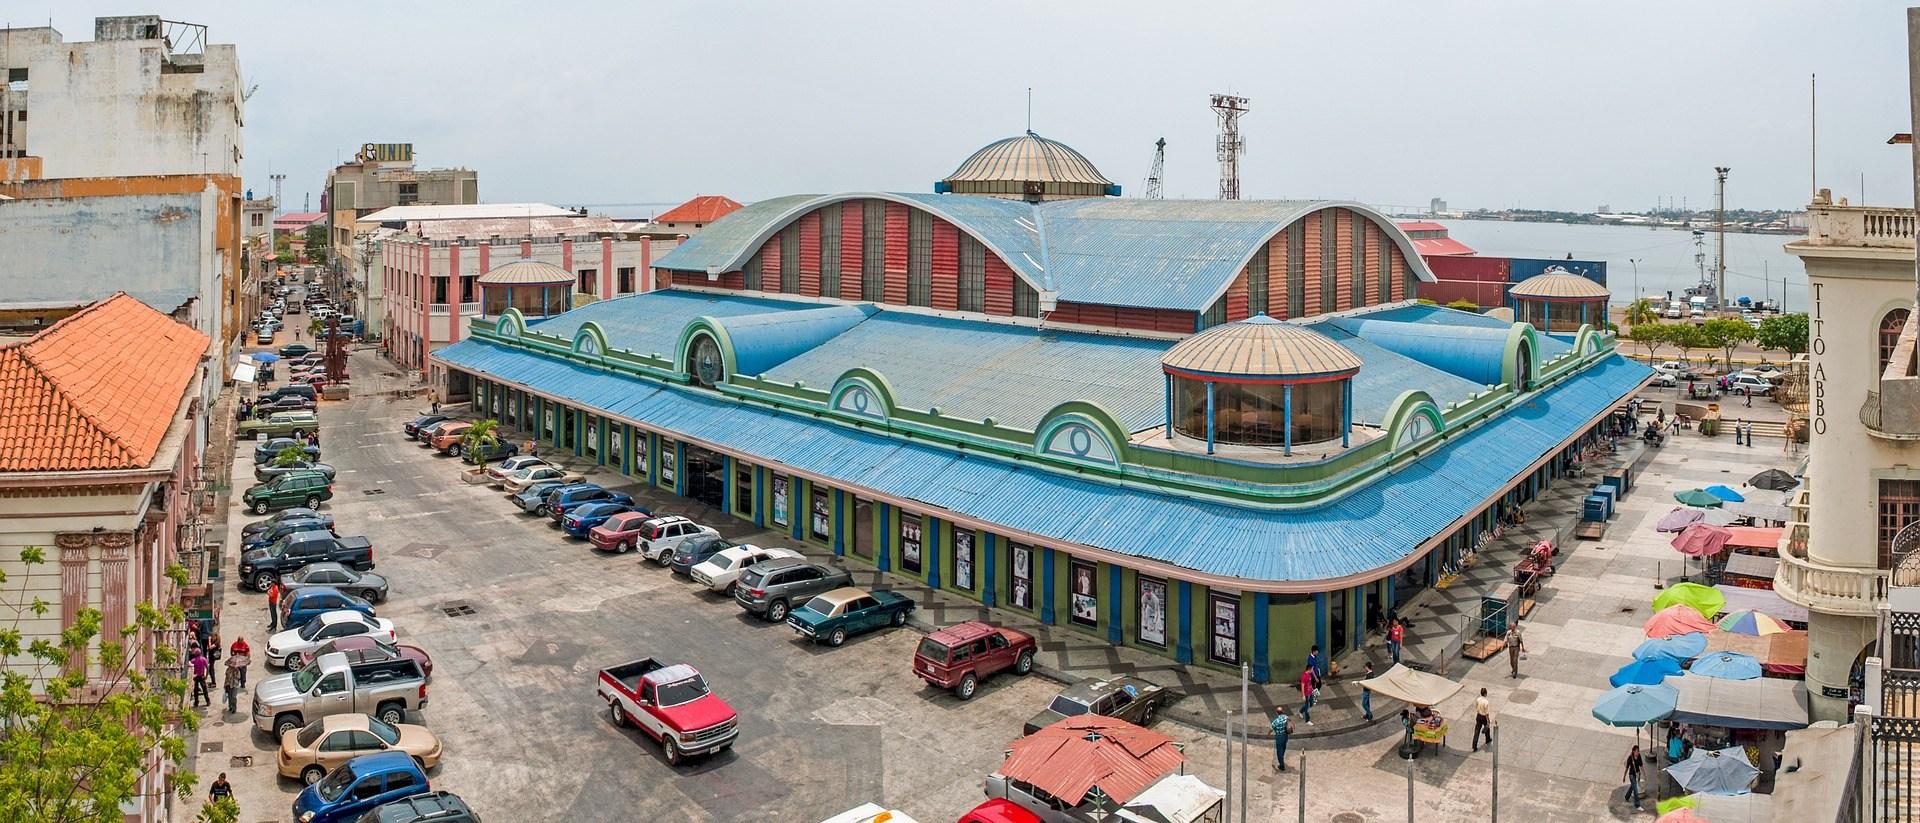 Plaza Baralt Maracaibo